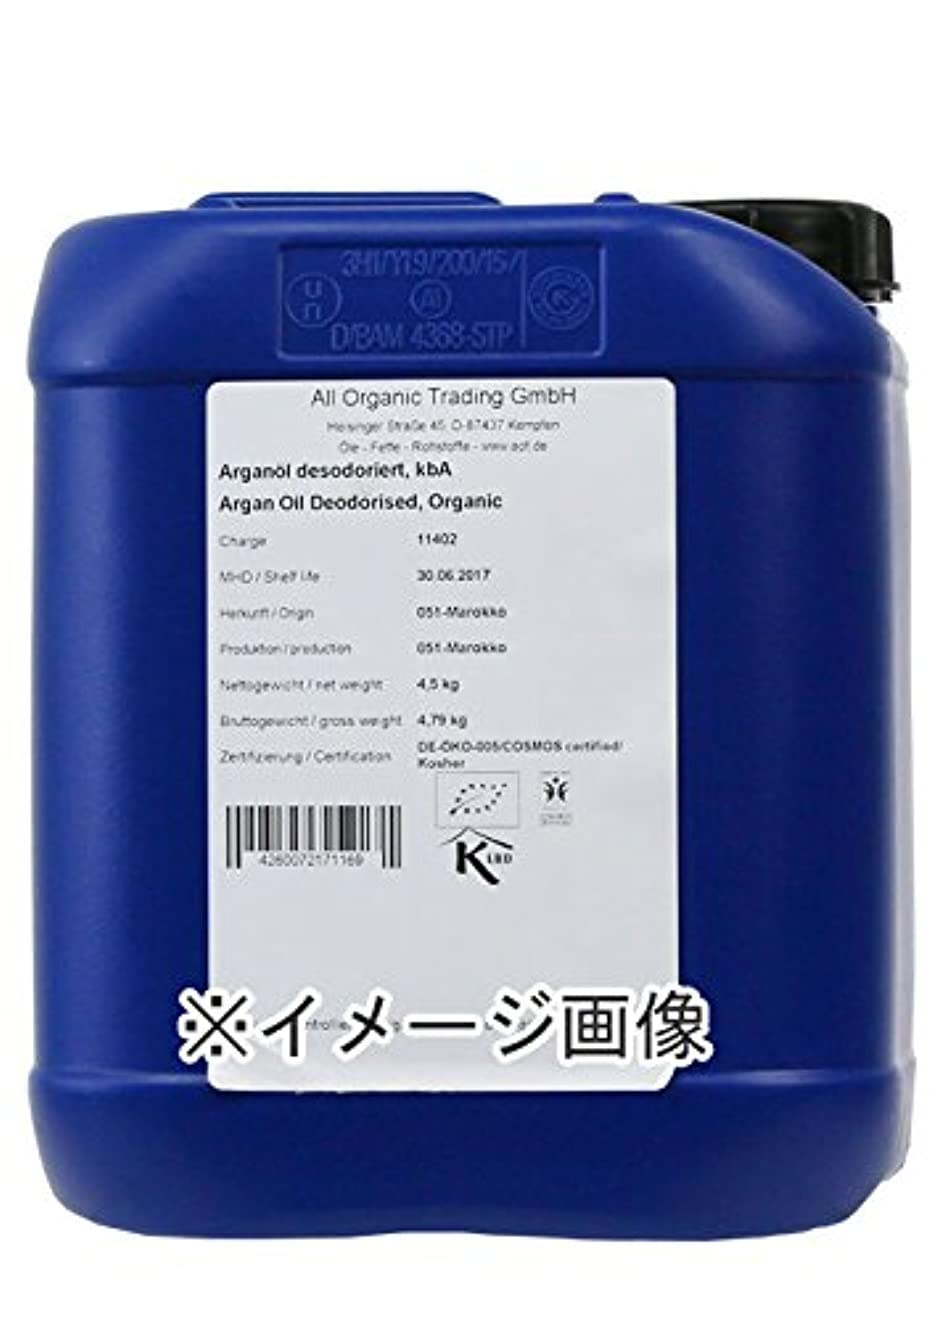 クロールずっと自発的ボリジ/ルリジサ種子オイル4.5kg【オーガニック認証/COSMOS認証】